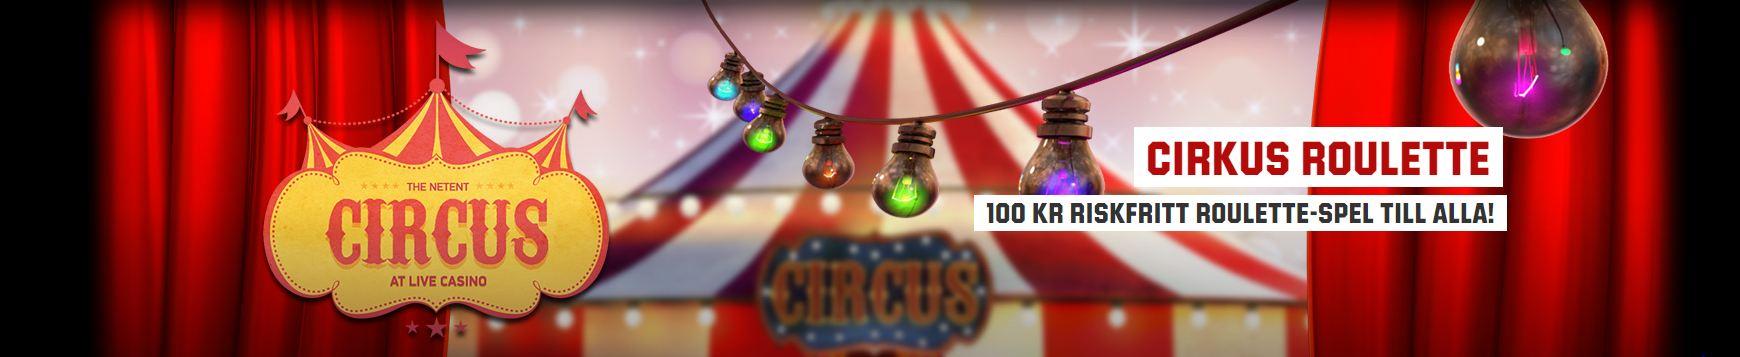 100 kr Riskfritt Spel Till Alla